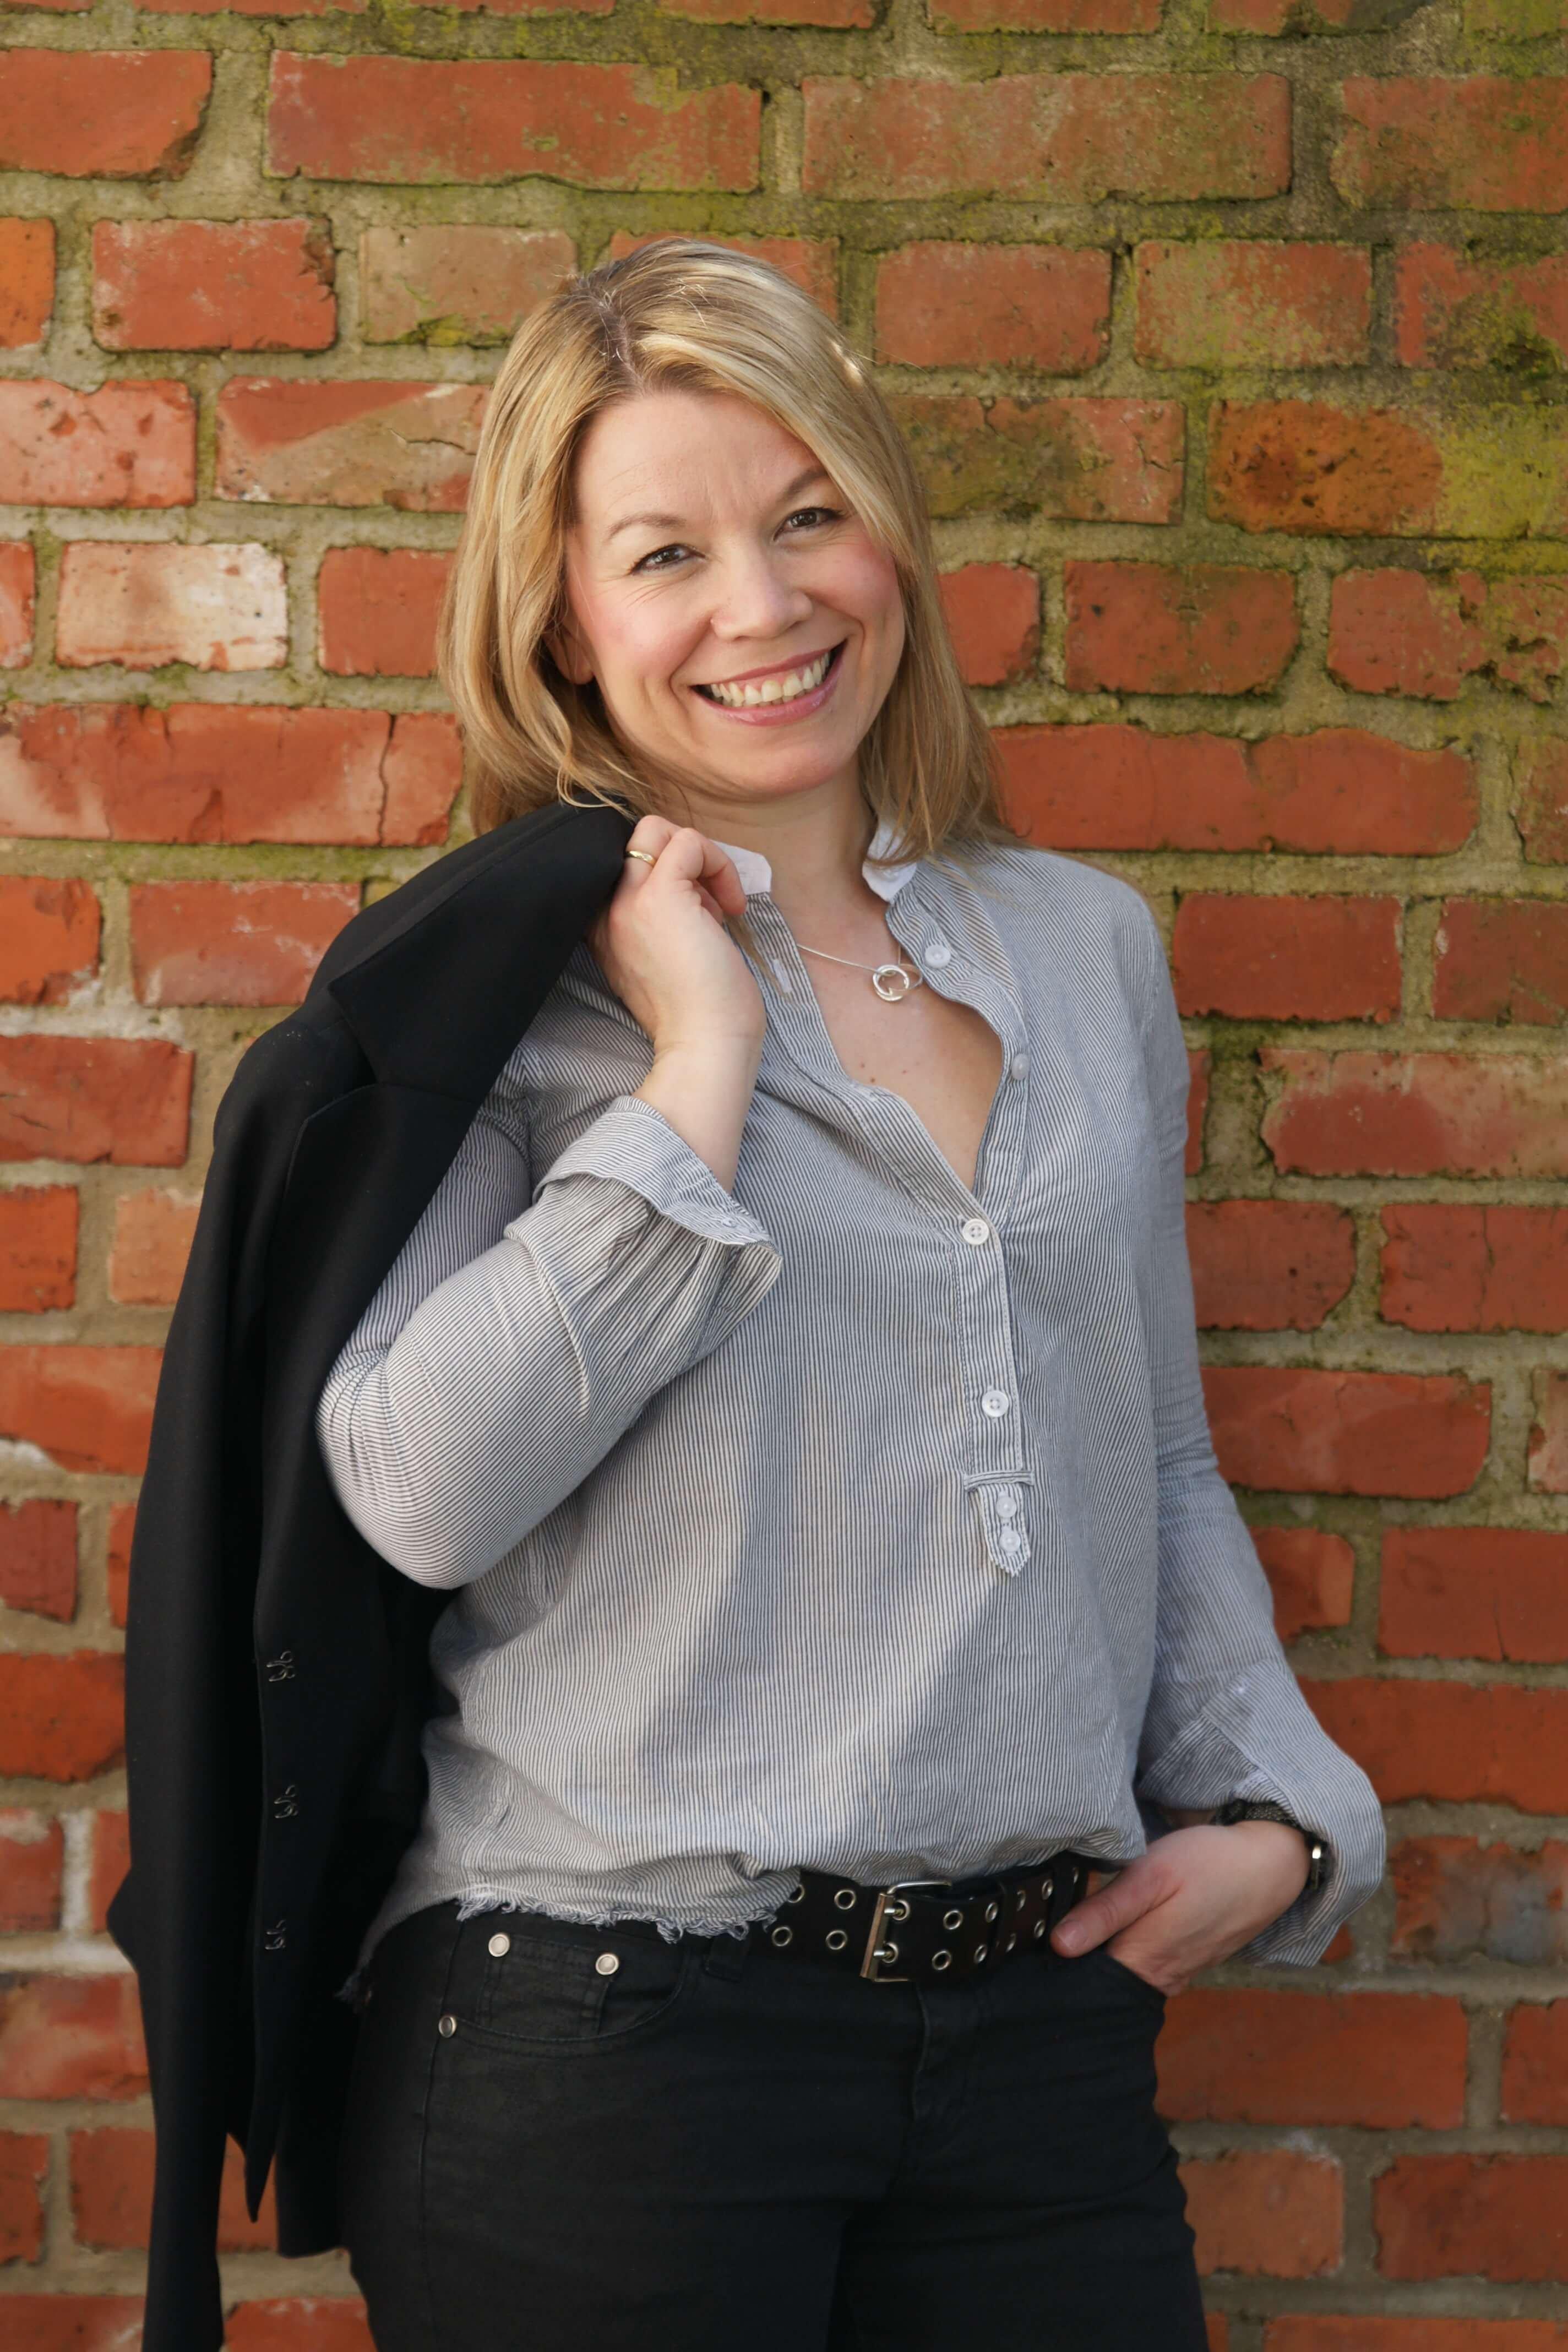 Sandra Bohnwagner – Sport-und Gymnastiklehrer, Rücken-fit, Figur-und Ernährungscoaching